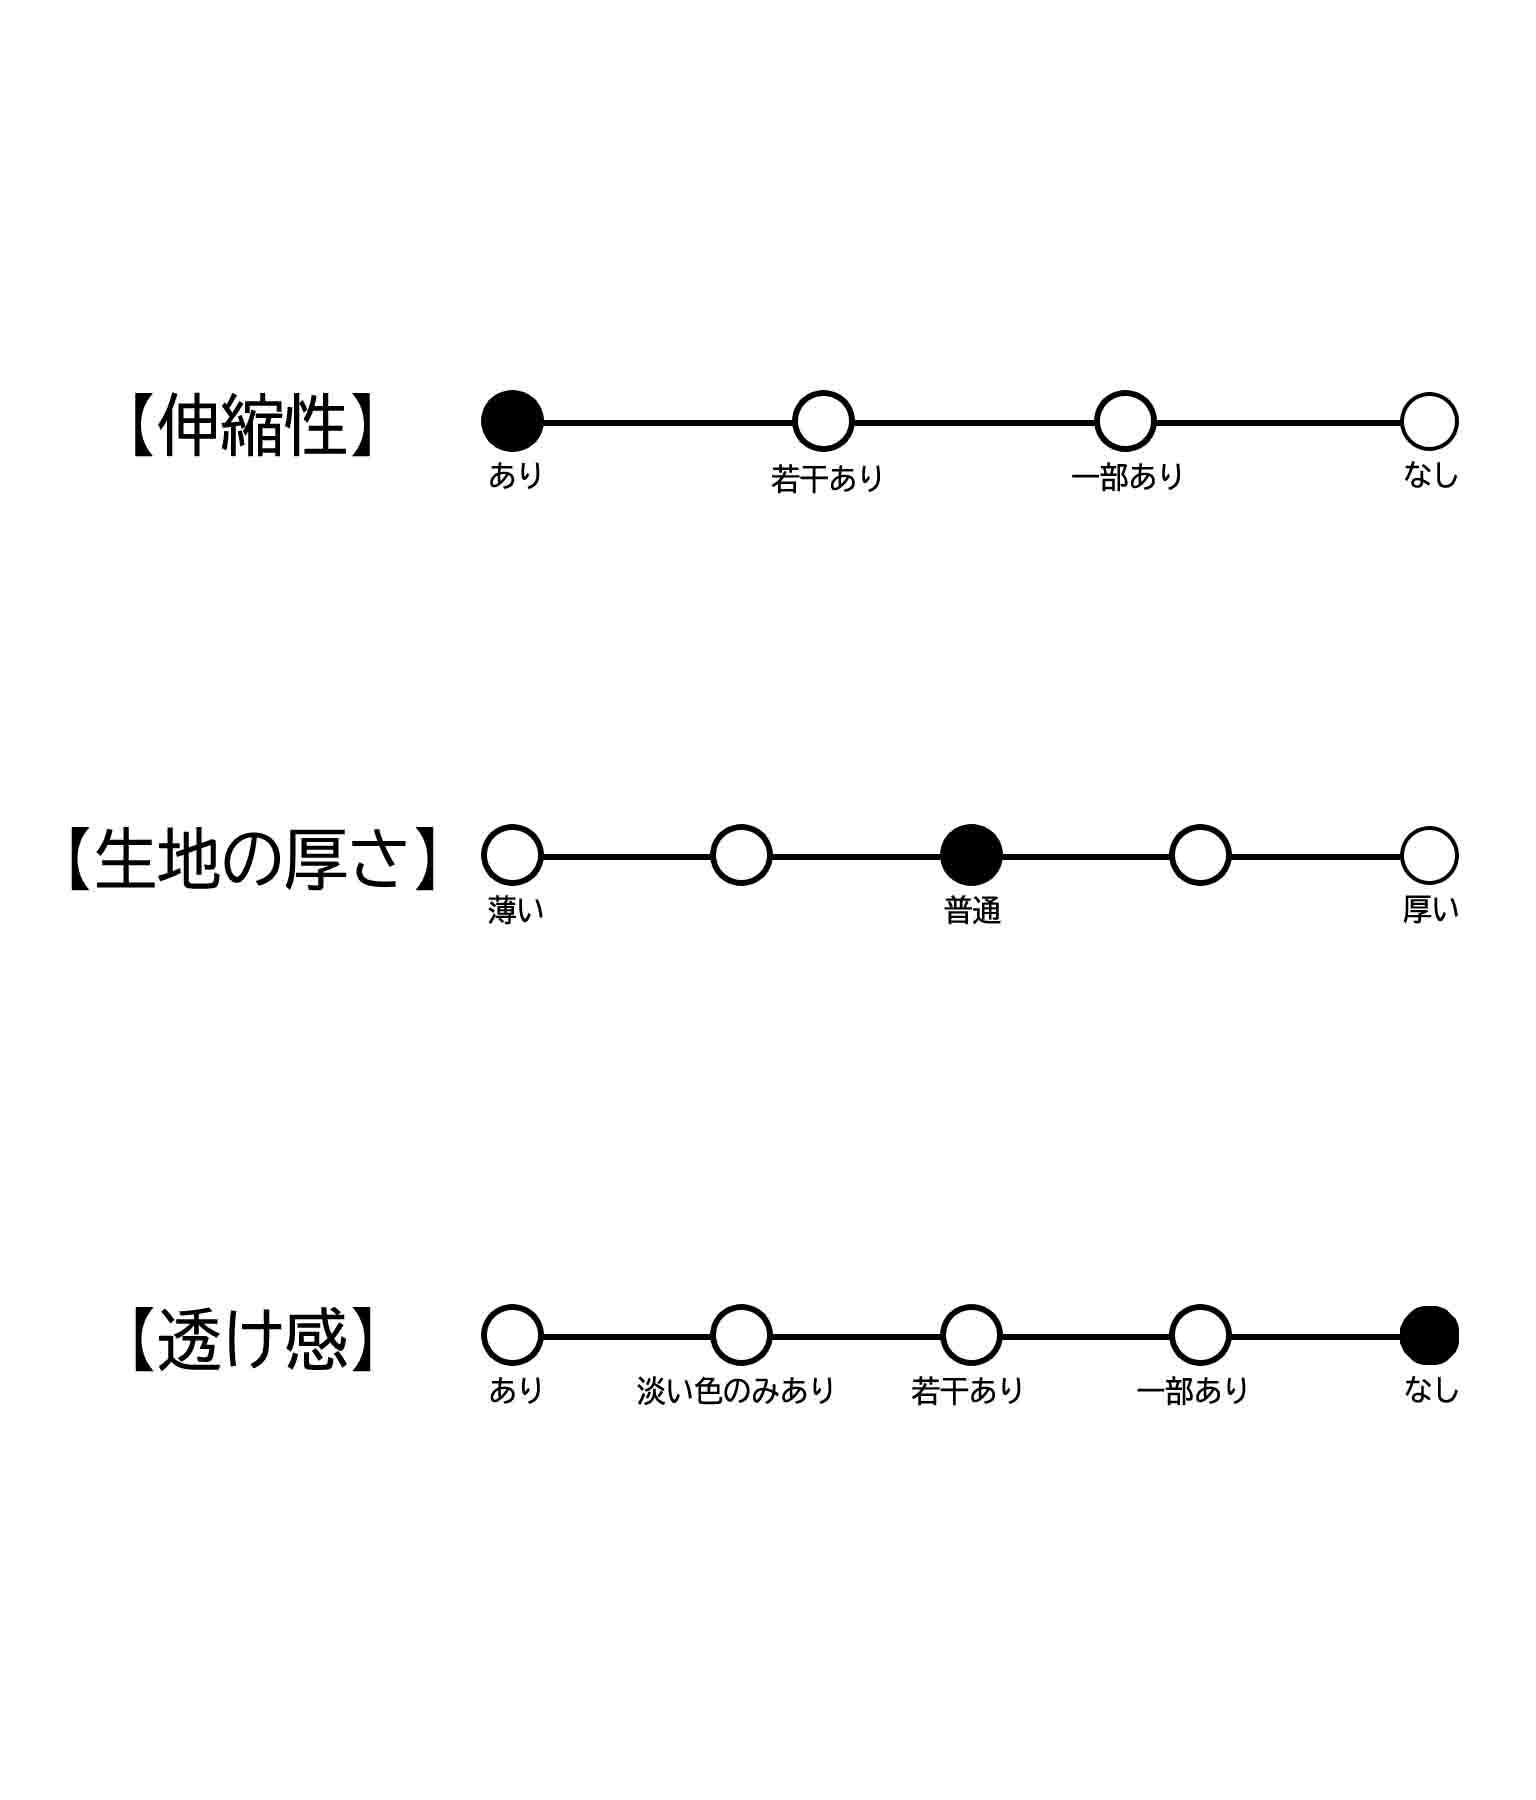 ファッショニスタクロップドトップス(トップス/スウェット・トレーナー) | ANAP GiRL